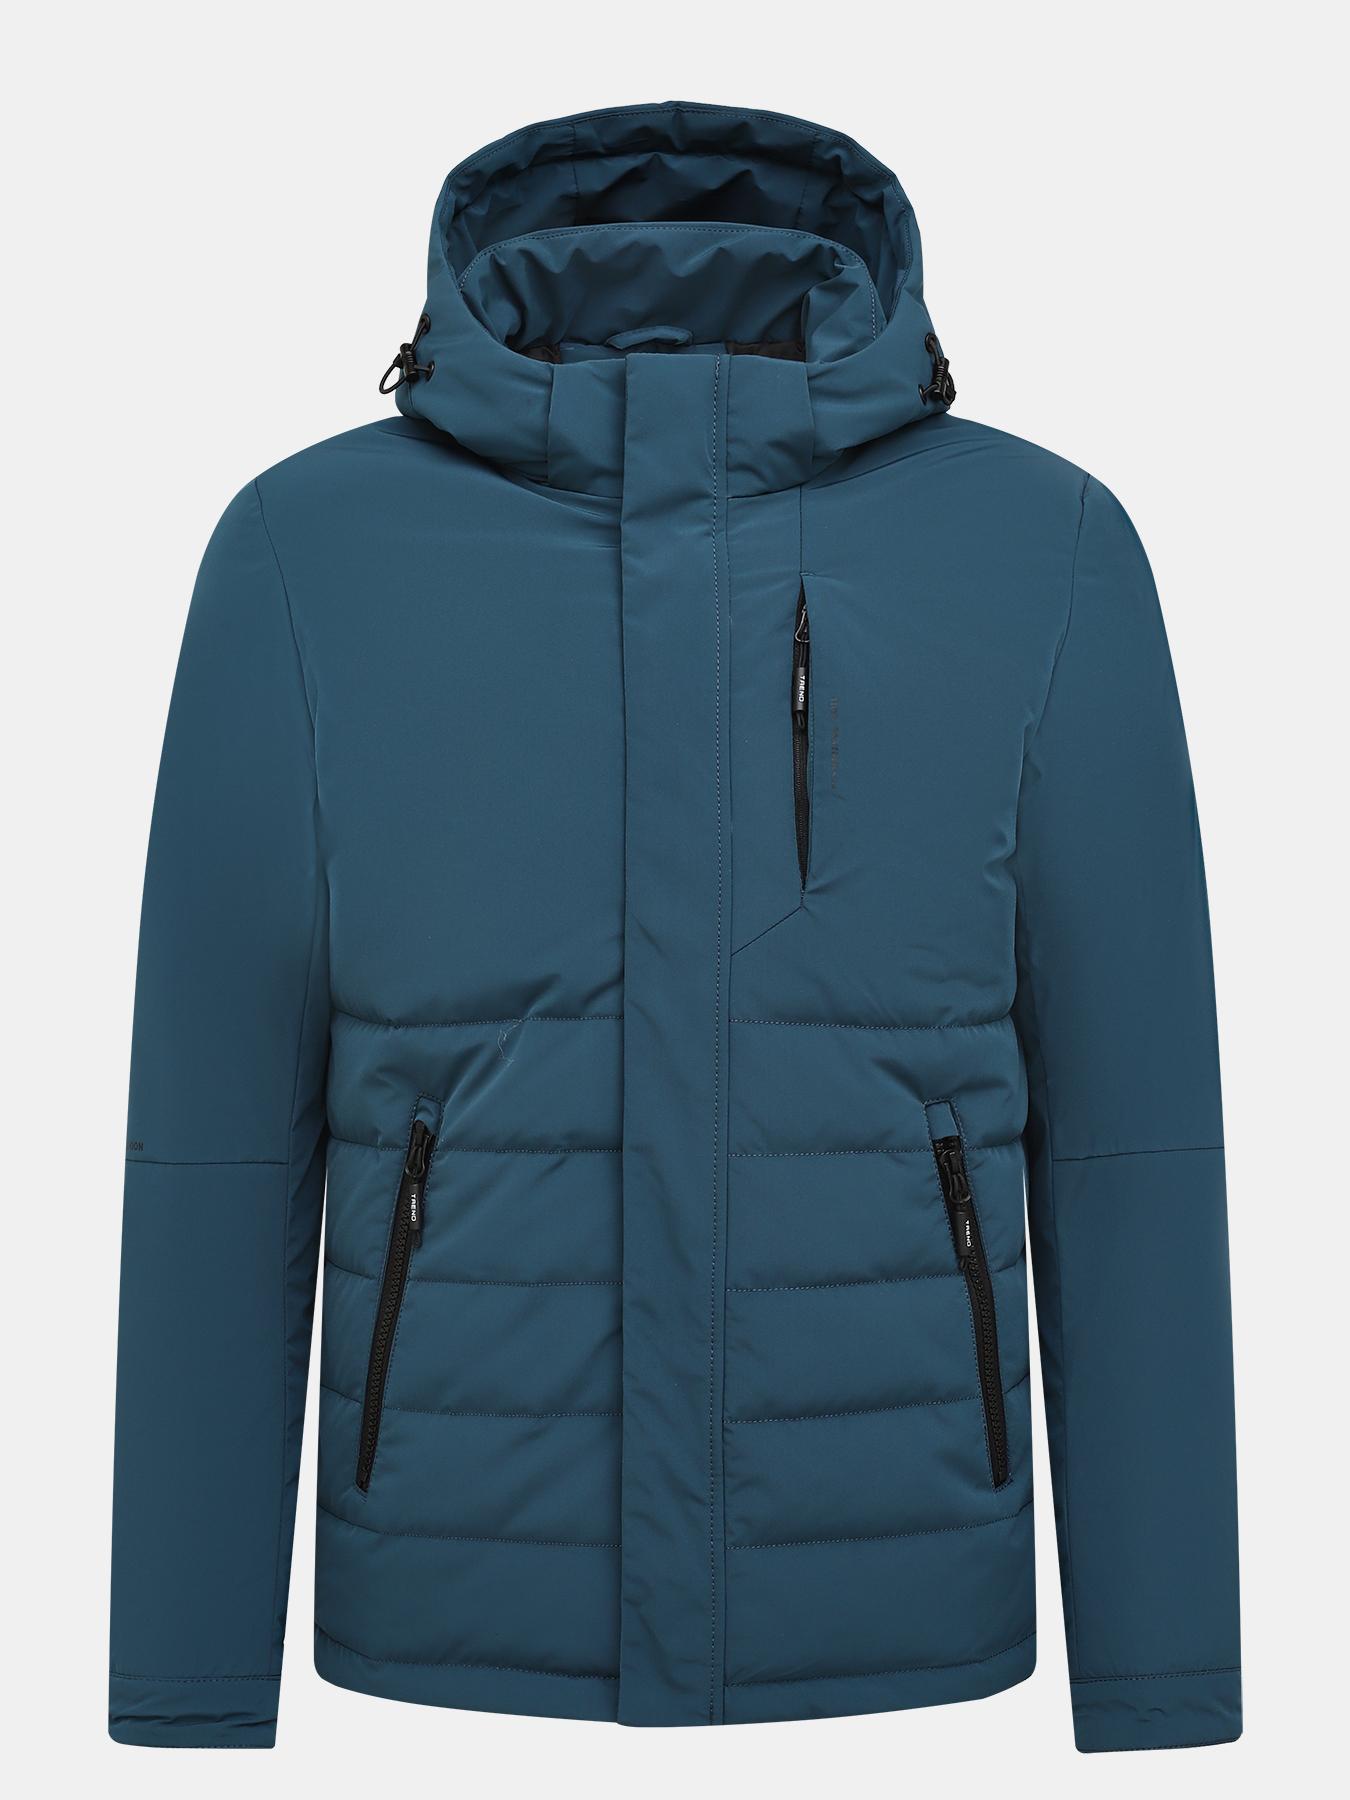 Куртки GRIZMAN Куртка фото